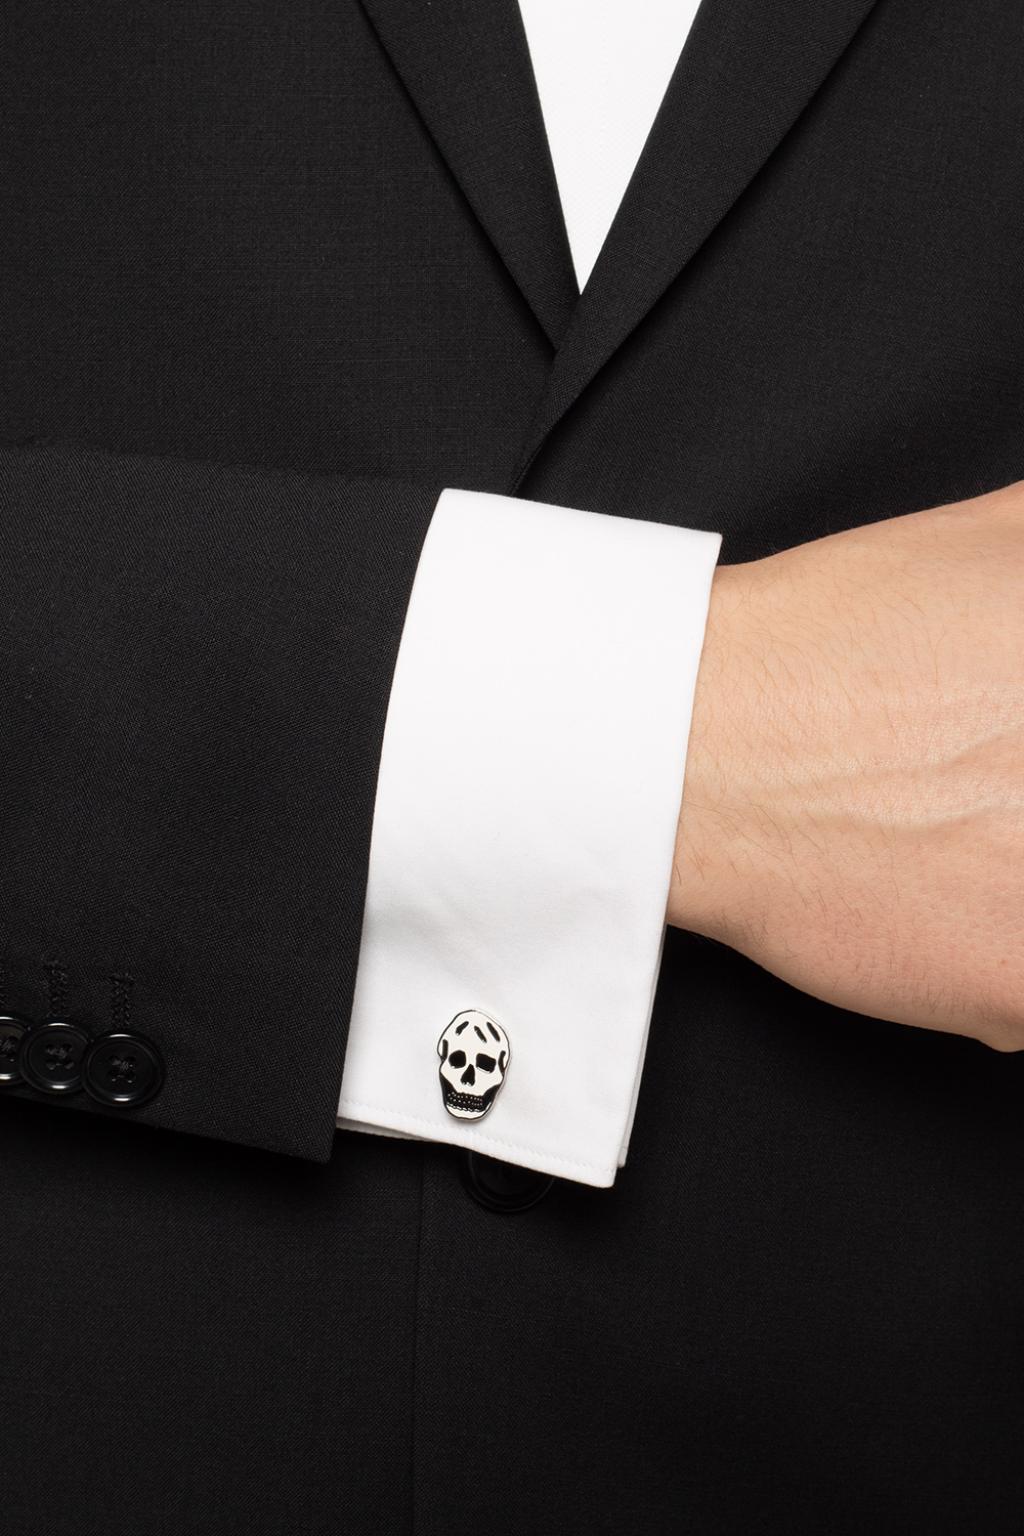 Alexander McQueen Skull motif cufflinks